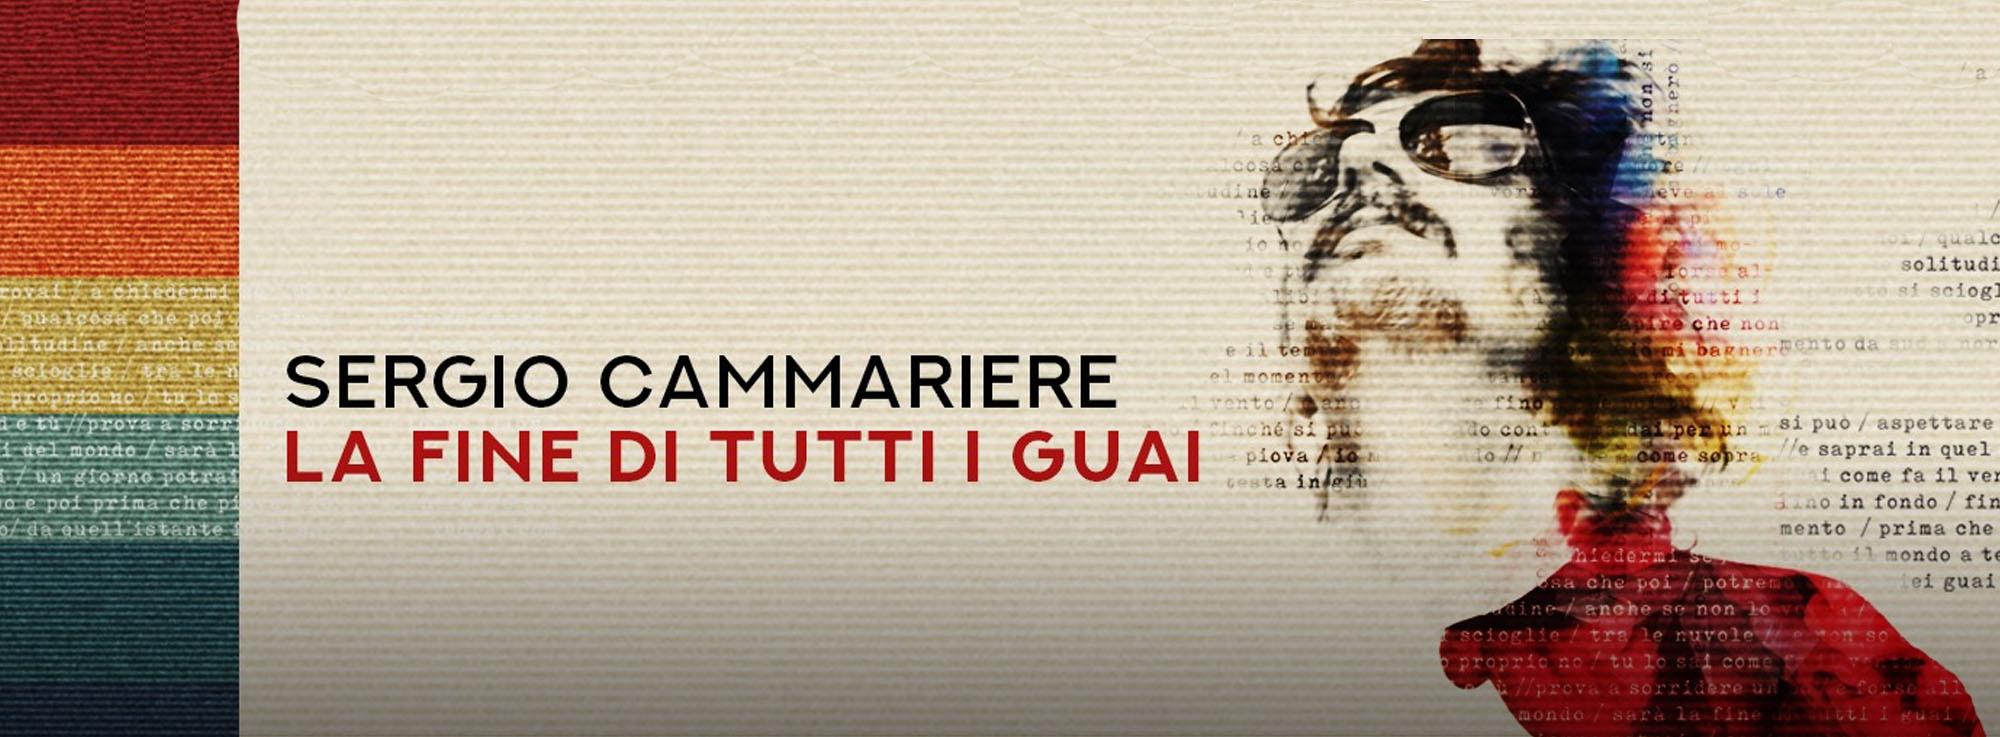 Bari: Sergio Cammariere live